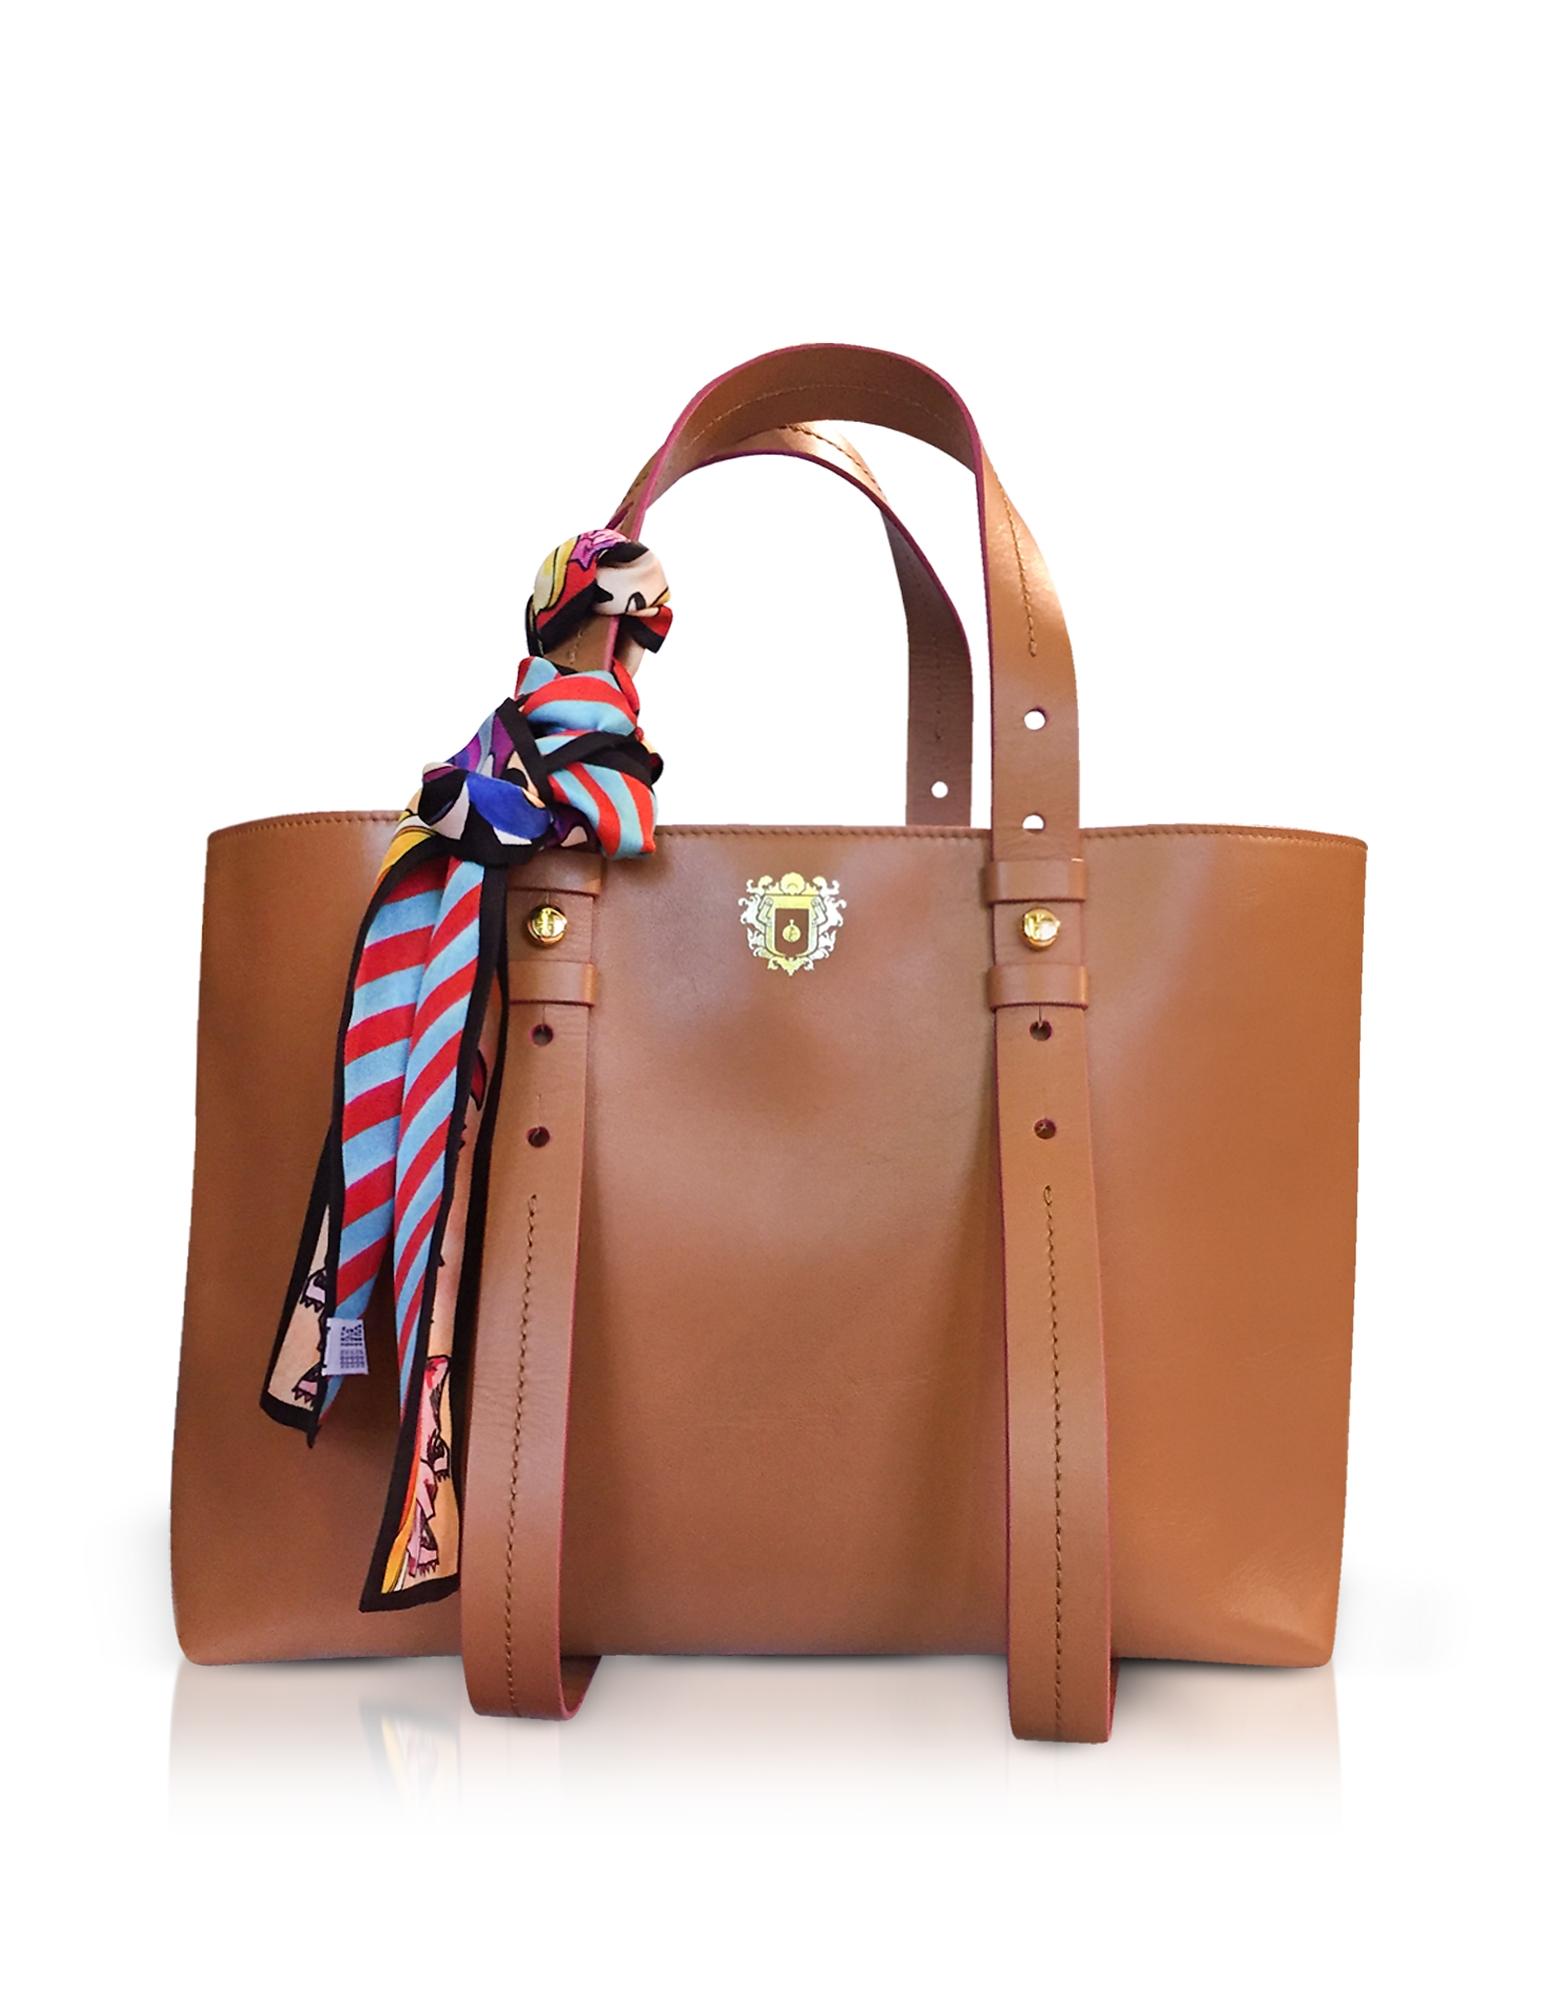 Helen Large Pecan Brown Tote Bag